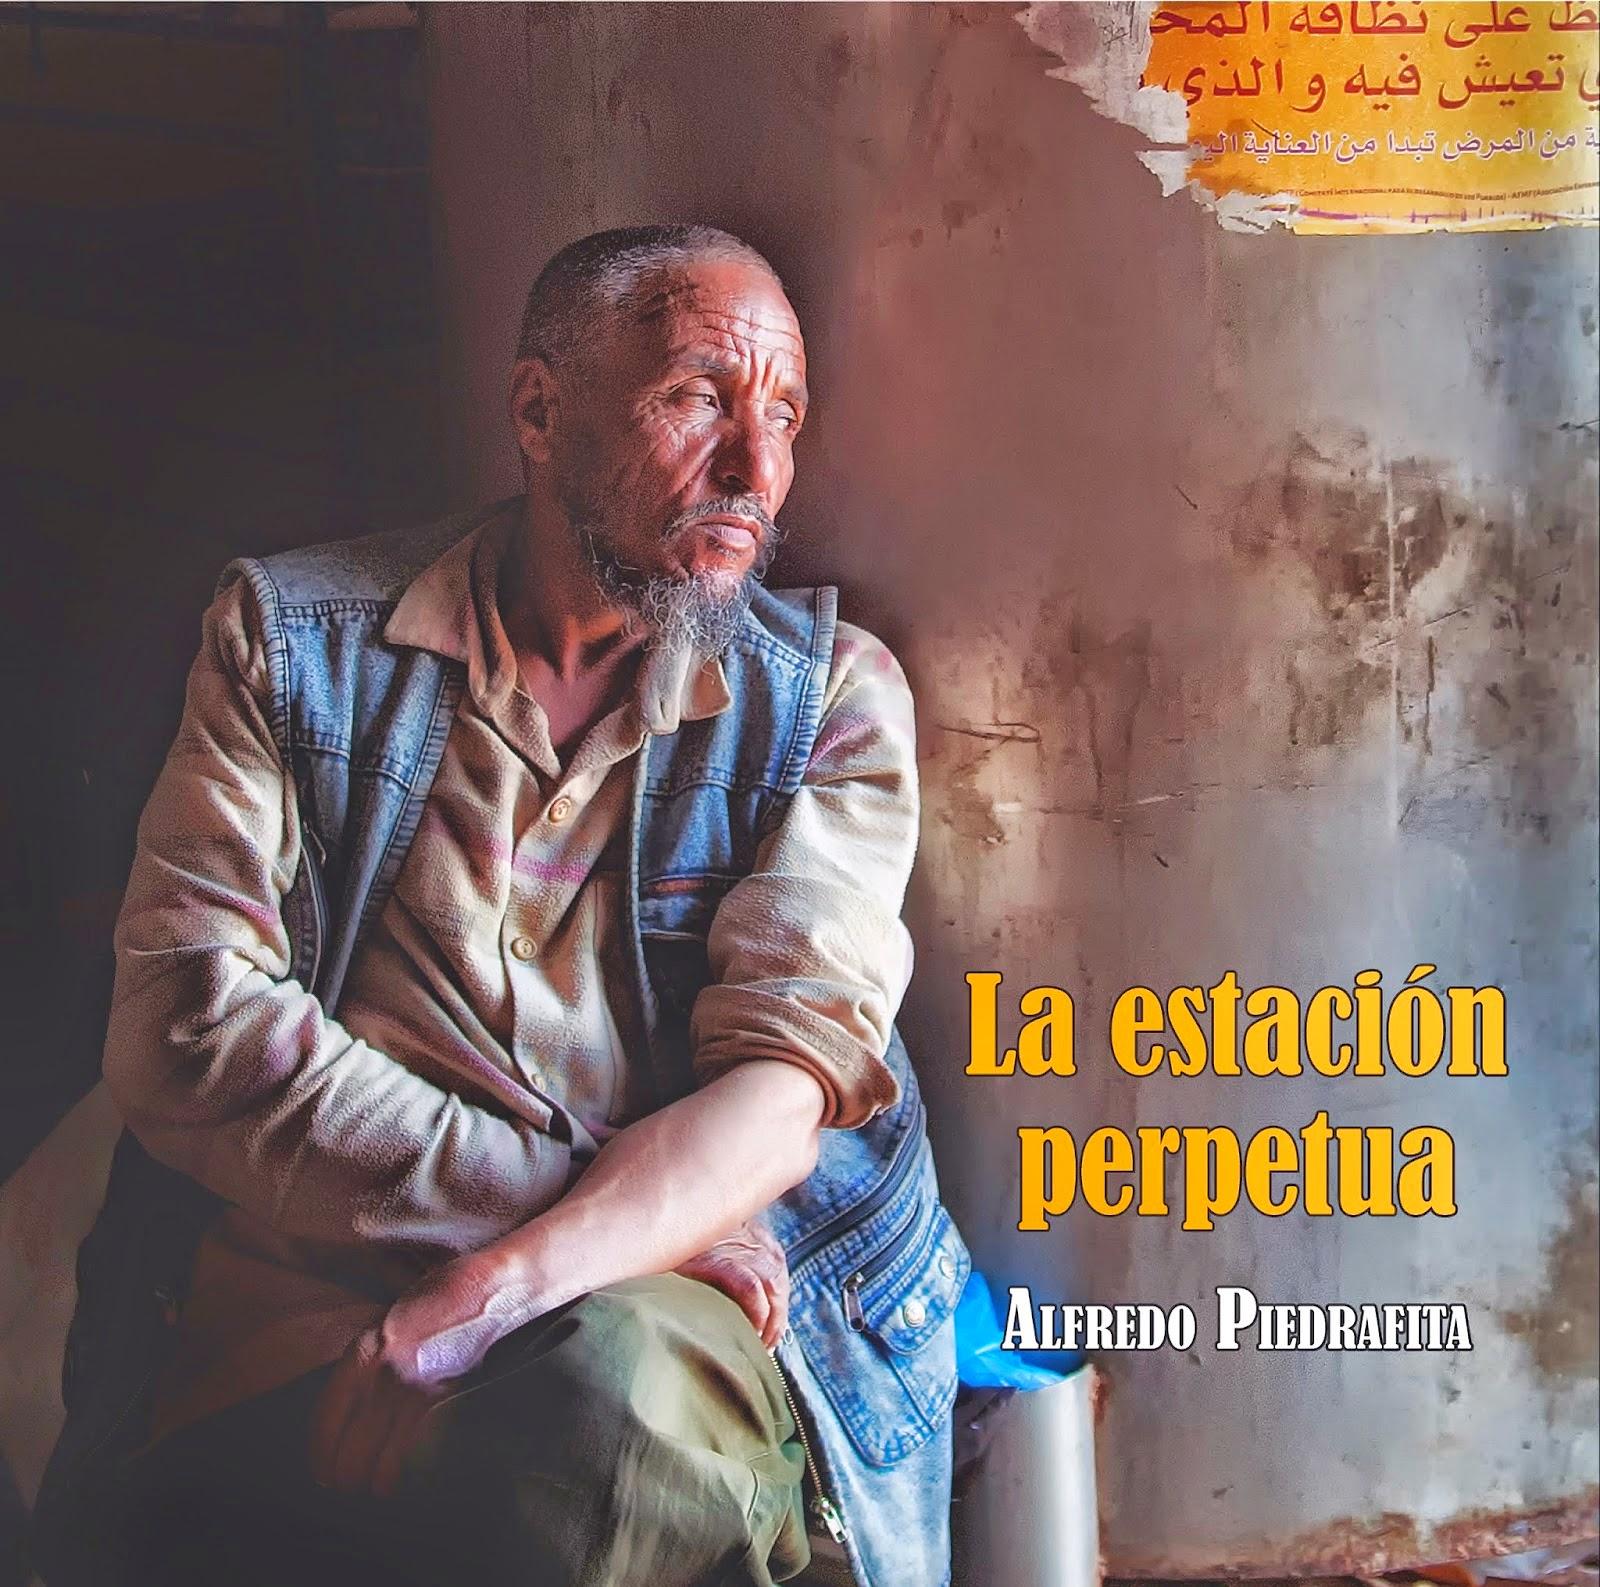 Alfredo Piedrafita, libro Sahara